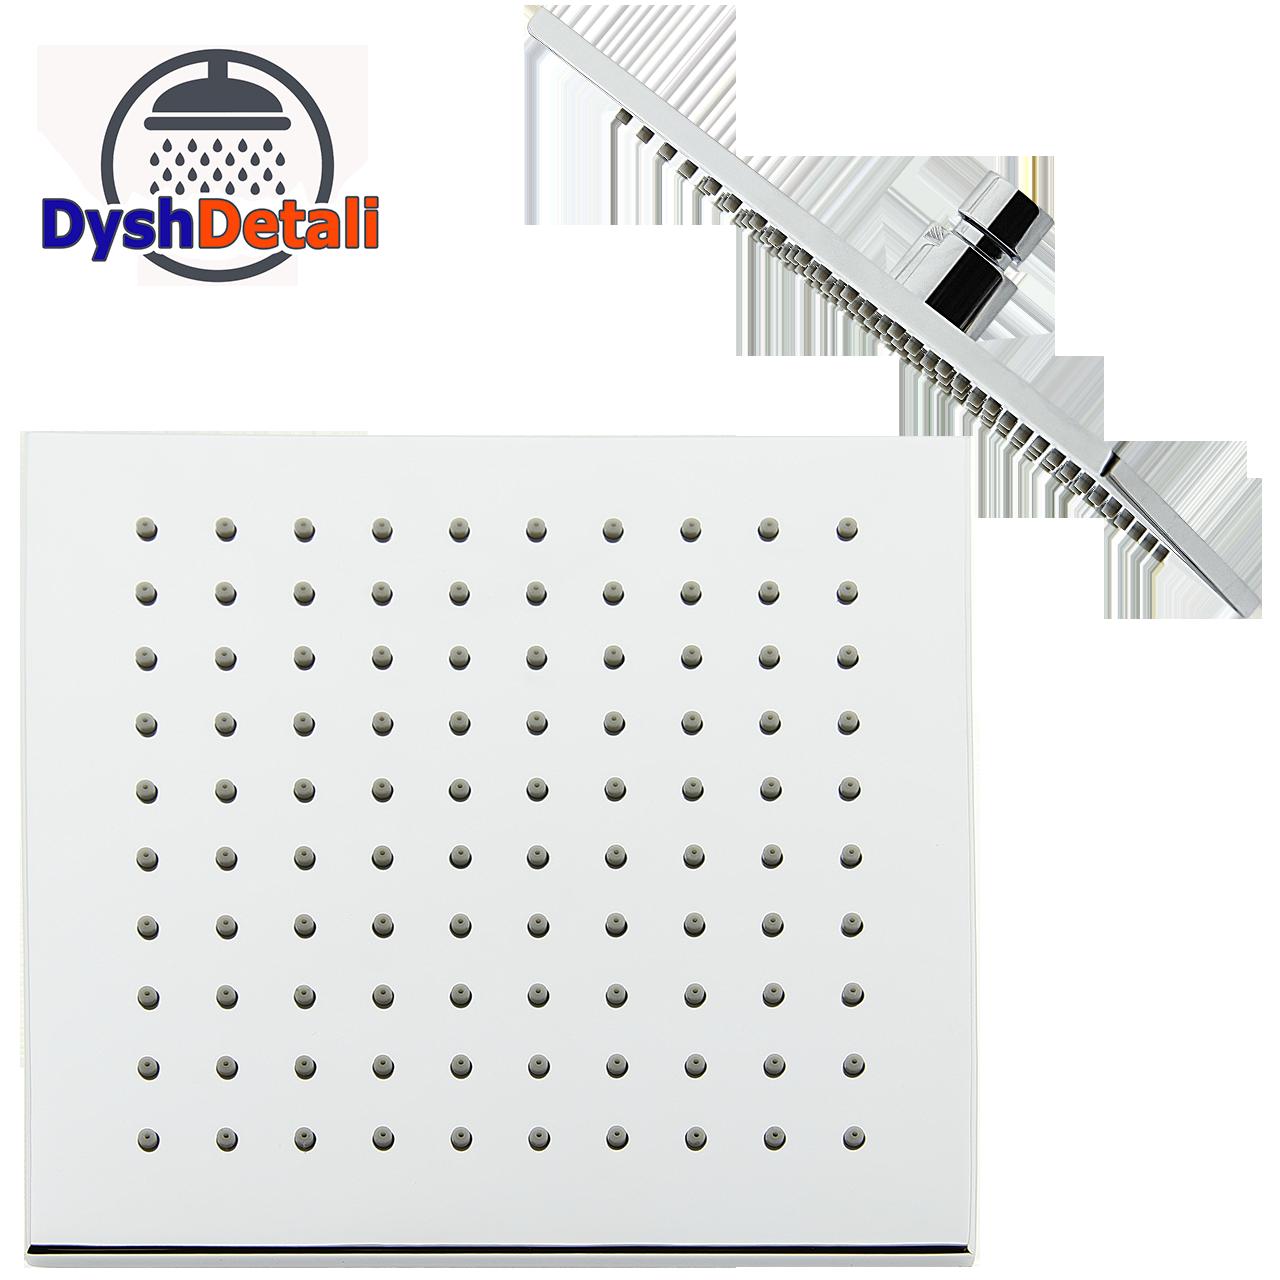 Душ потолочный, латунный 200х200 мм и 8 мм толщиной ( БК 20 ) Разборная